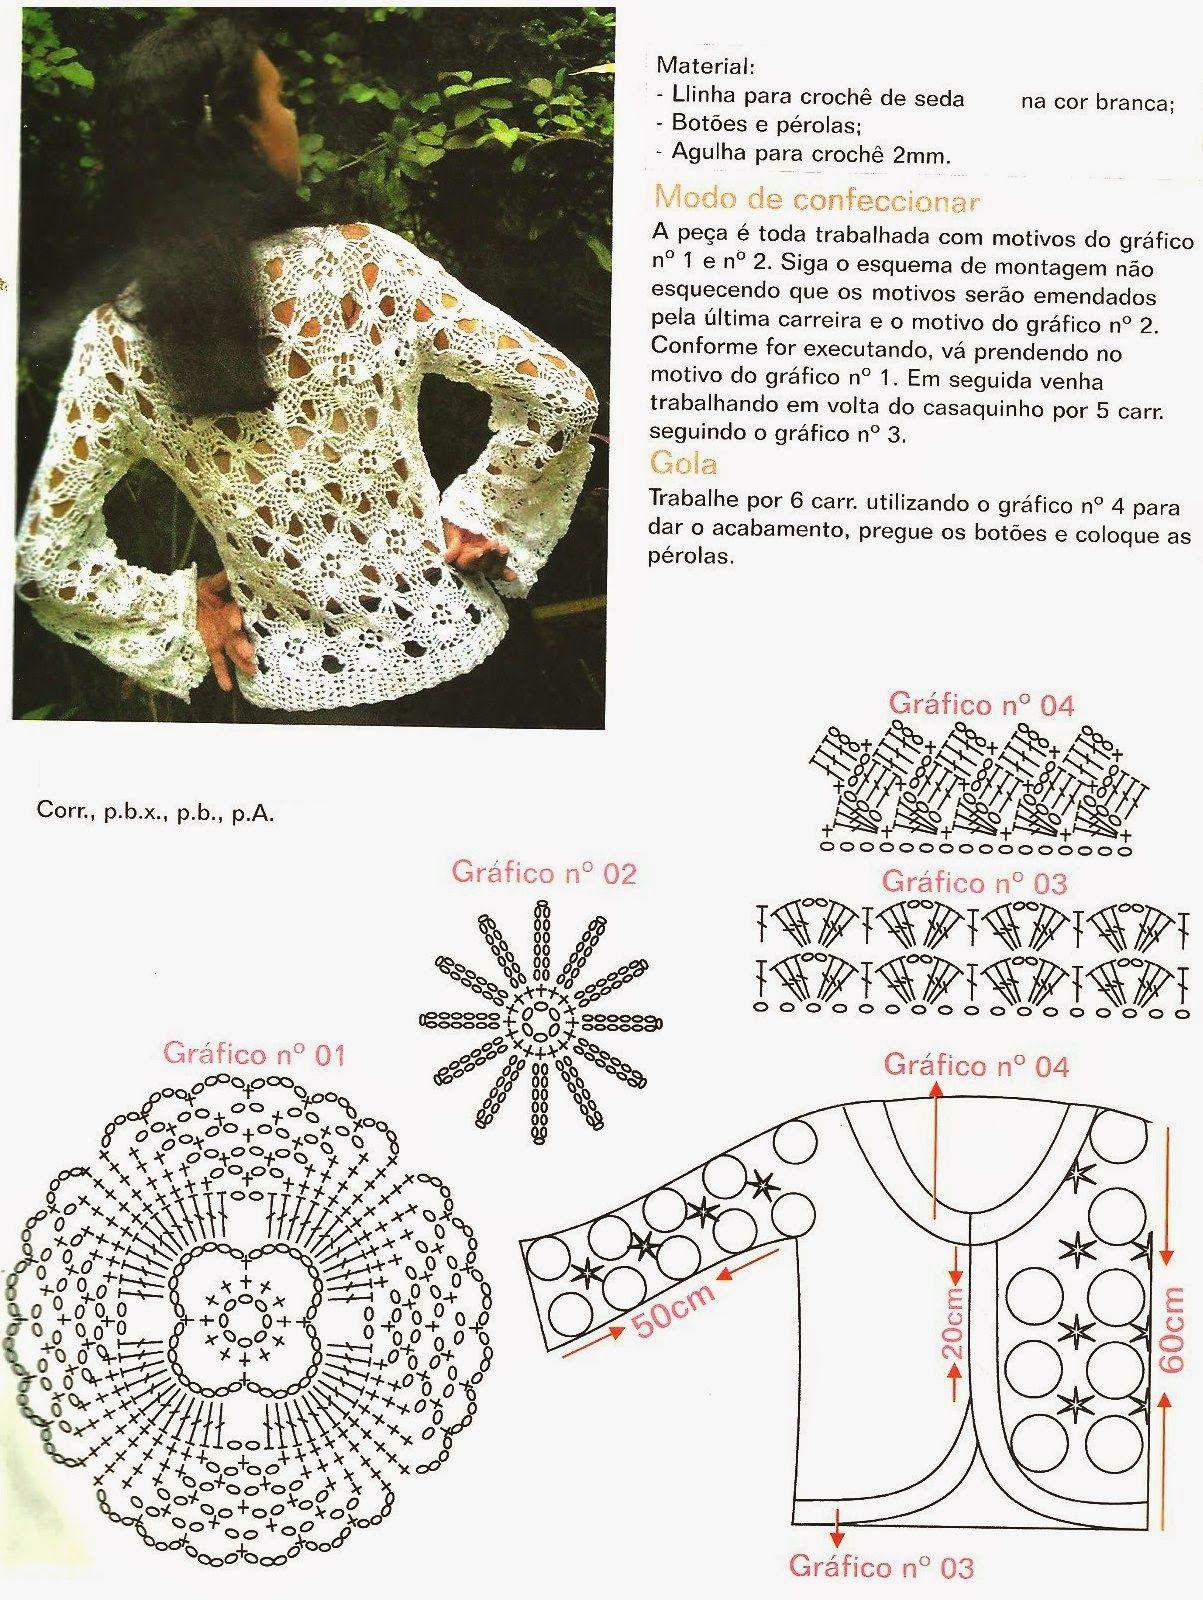 Chaqueta bolero calada con dibujos crochet - Patrones Crochet ...